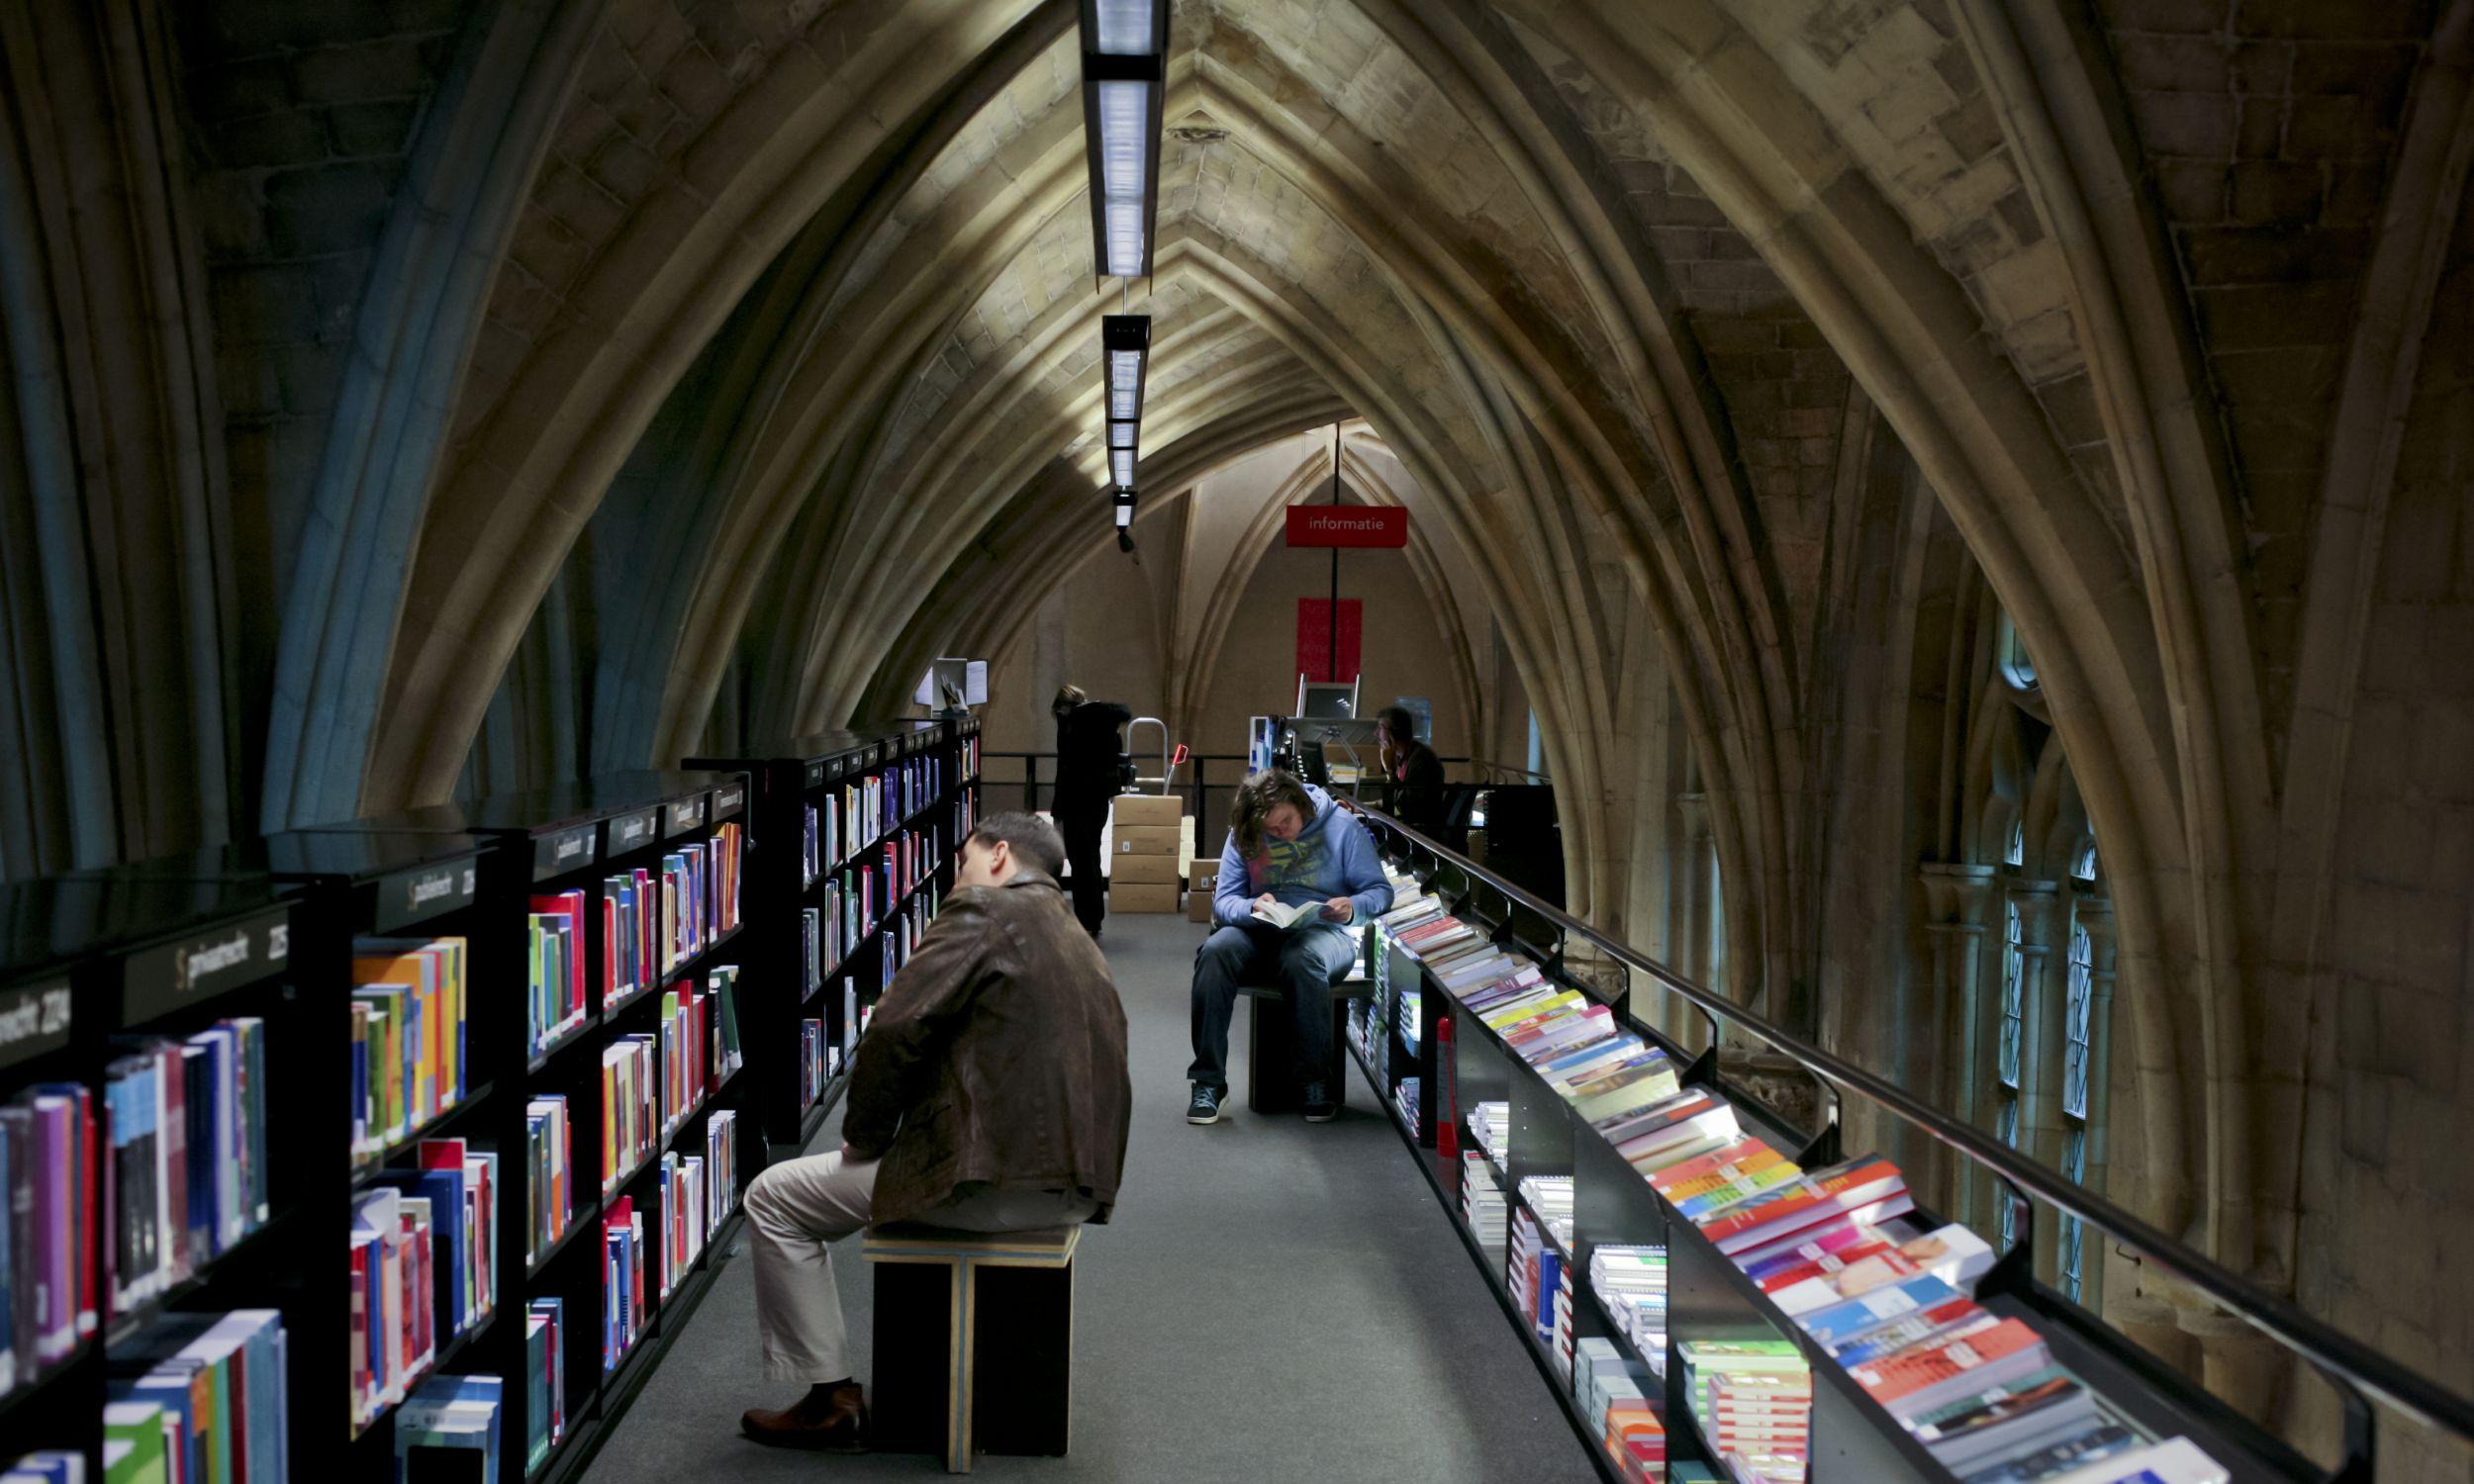 Właściciele sieci holenderskich księgarni Selexyz w Maastricht zaadaptowali wnętrze podominikańskiej świątyni. Fot. Dünzl/ullstein bild via Getty Images